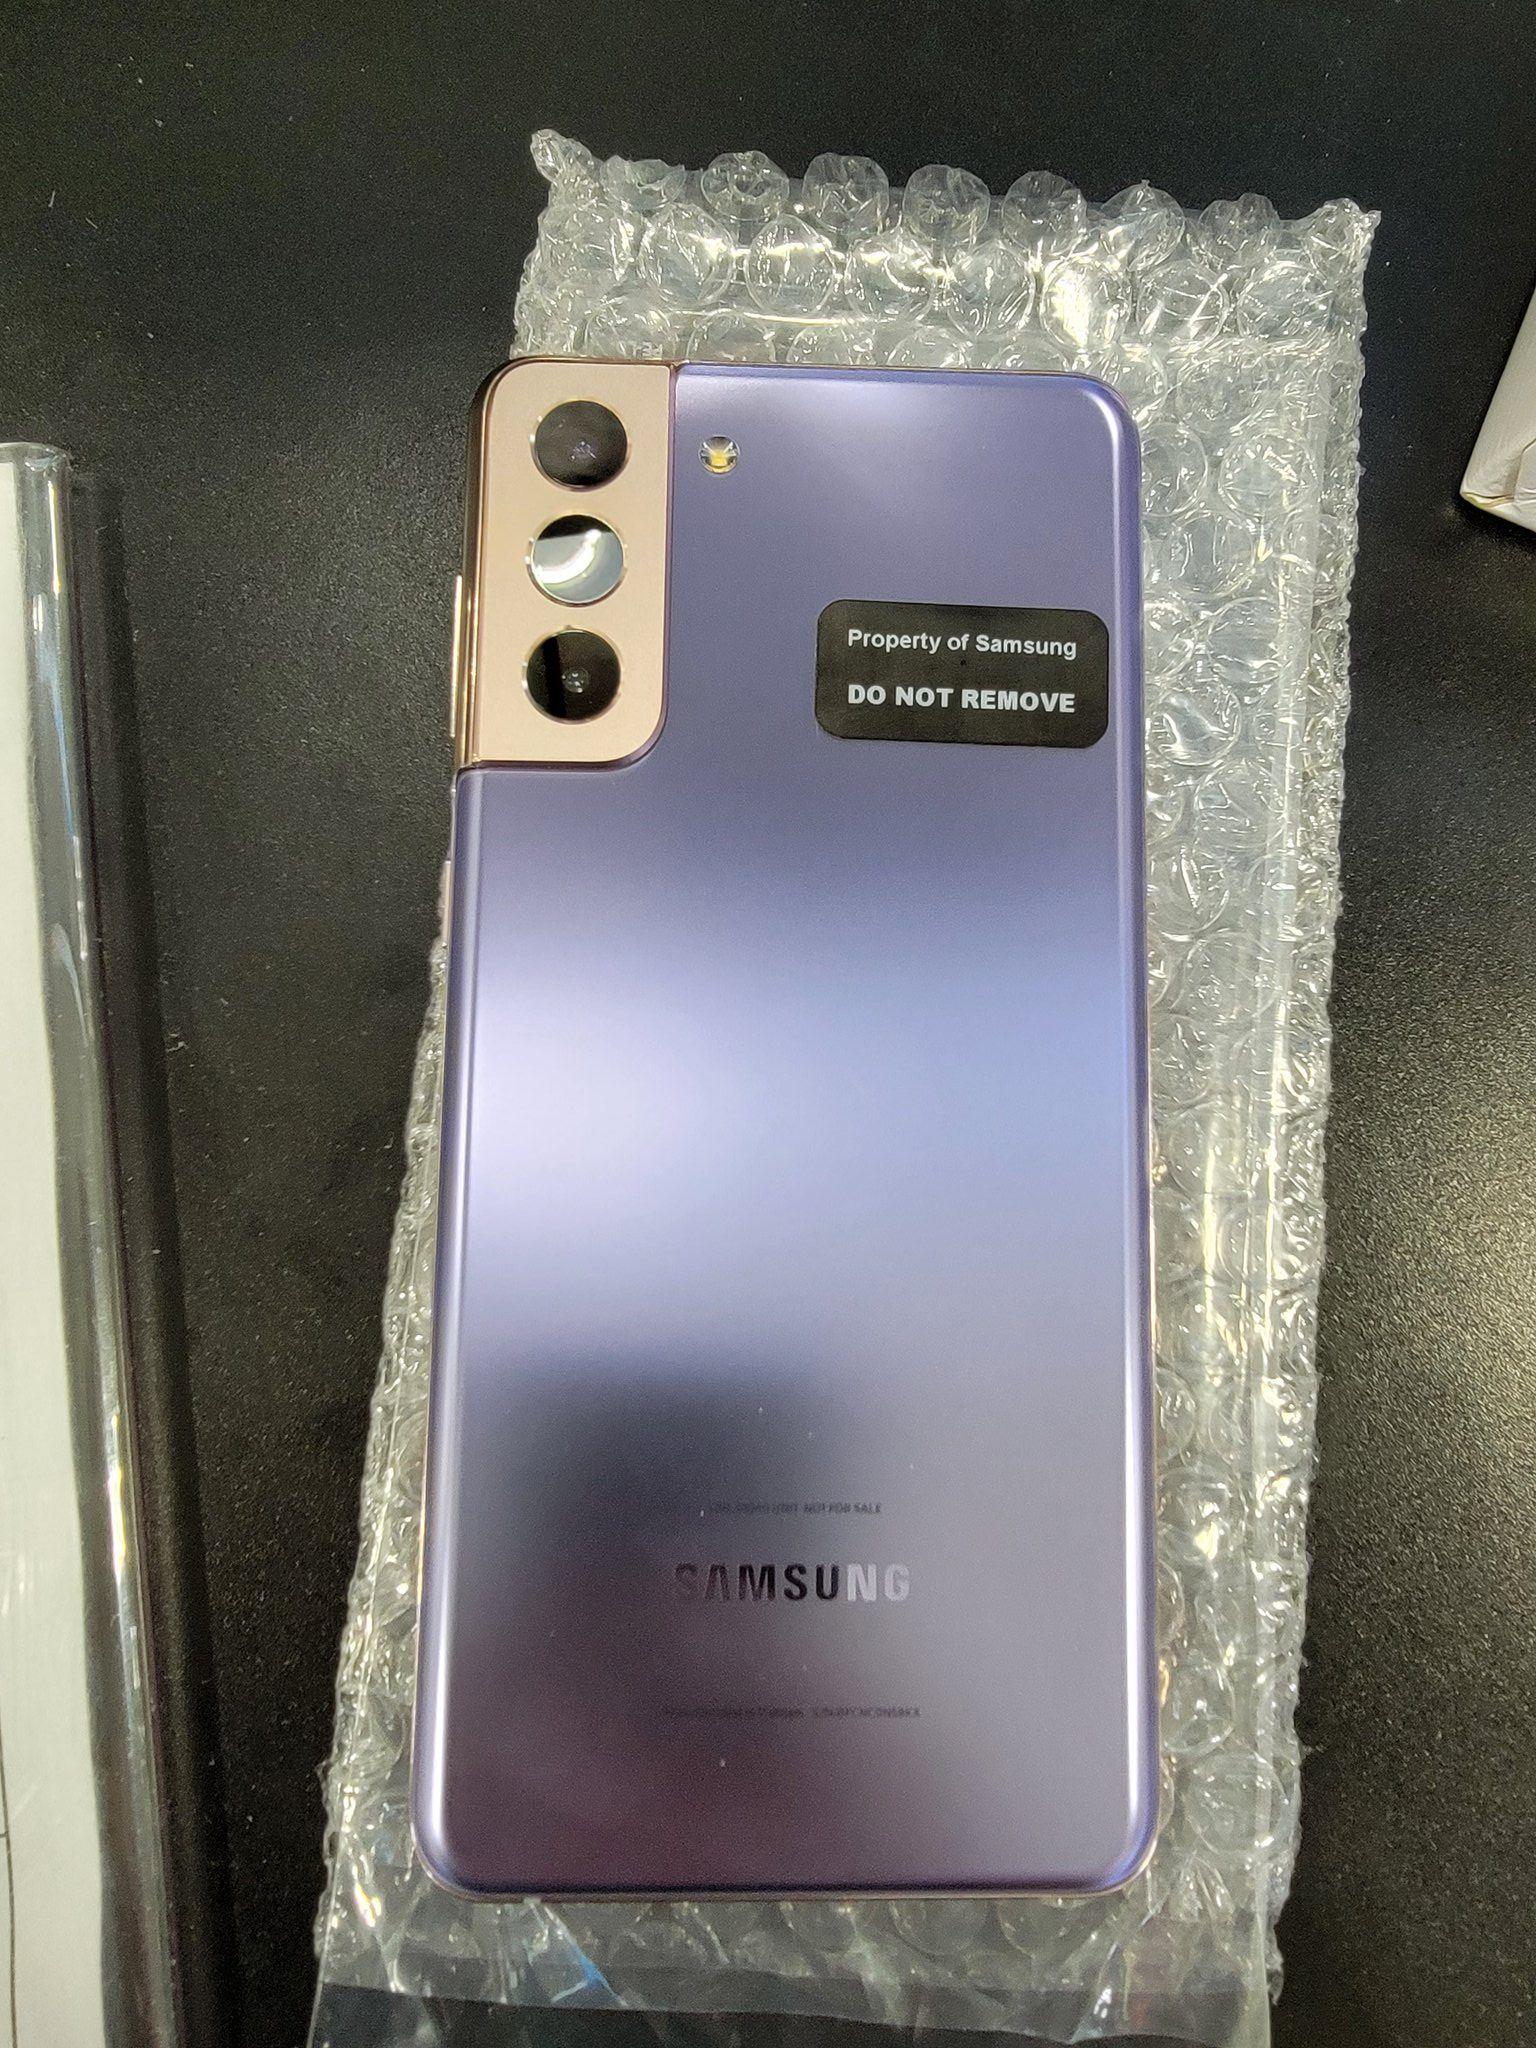 Καμαρώστε λίγο πριν την παρουσίασή τους τα νέα μοντέλα της σειράς Samsung Galaxy S21 που δεν θα δέχονται κάρτες microSD 1